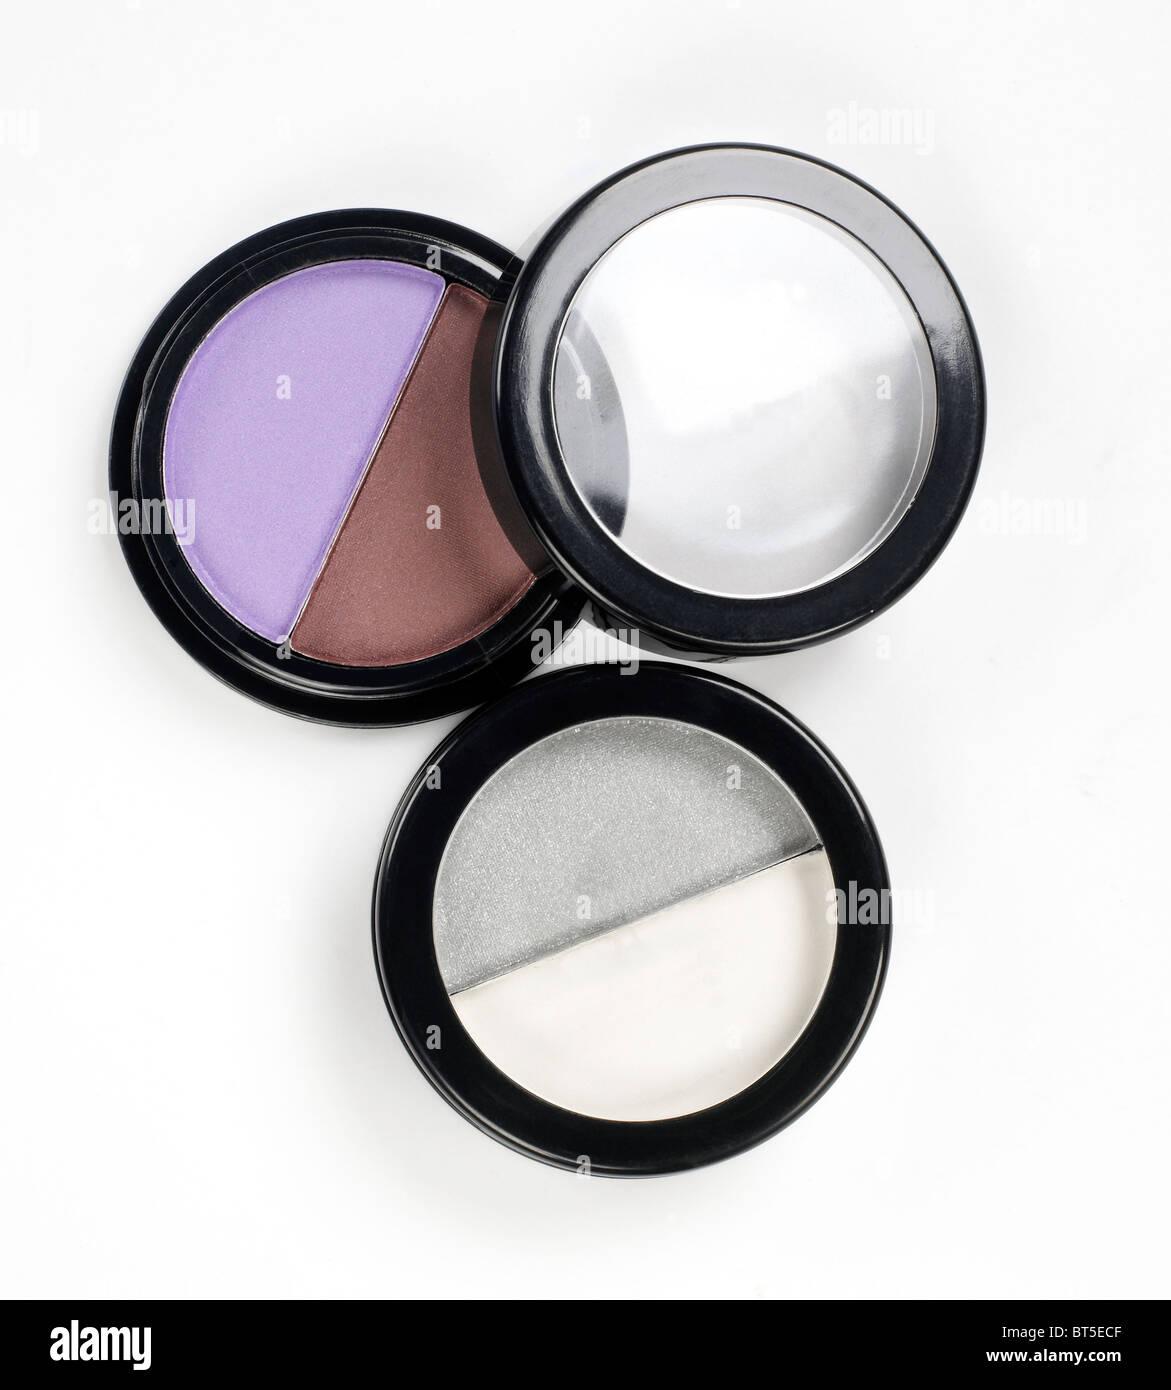 Cosmetics makeup - Stock Image